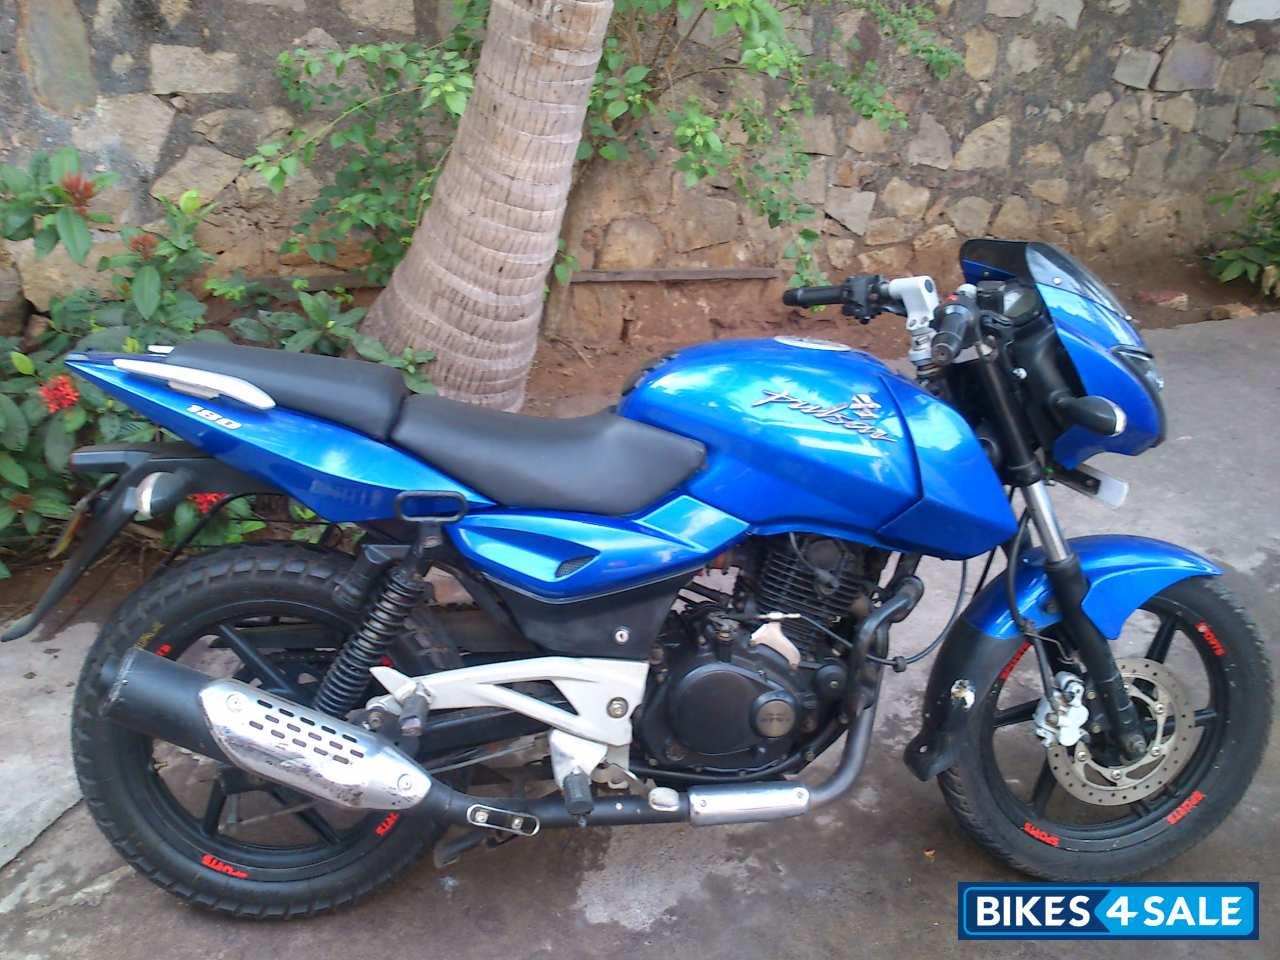 Best Value Electric Bike >> Bajaj Pulsar 180 DTSi Picture 1. Bike ID 94982. Bike ...